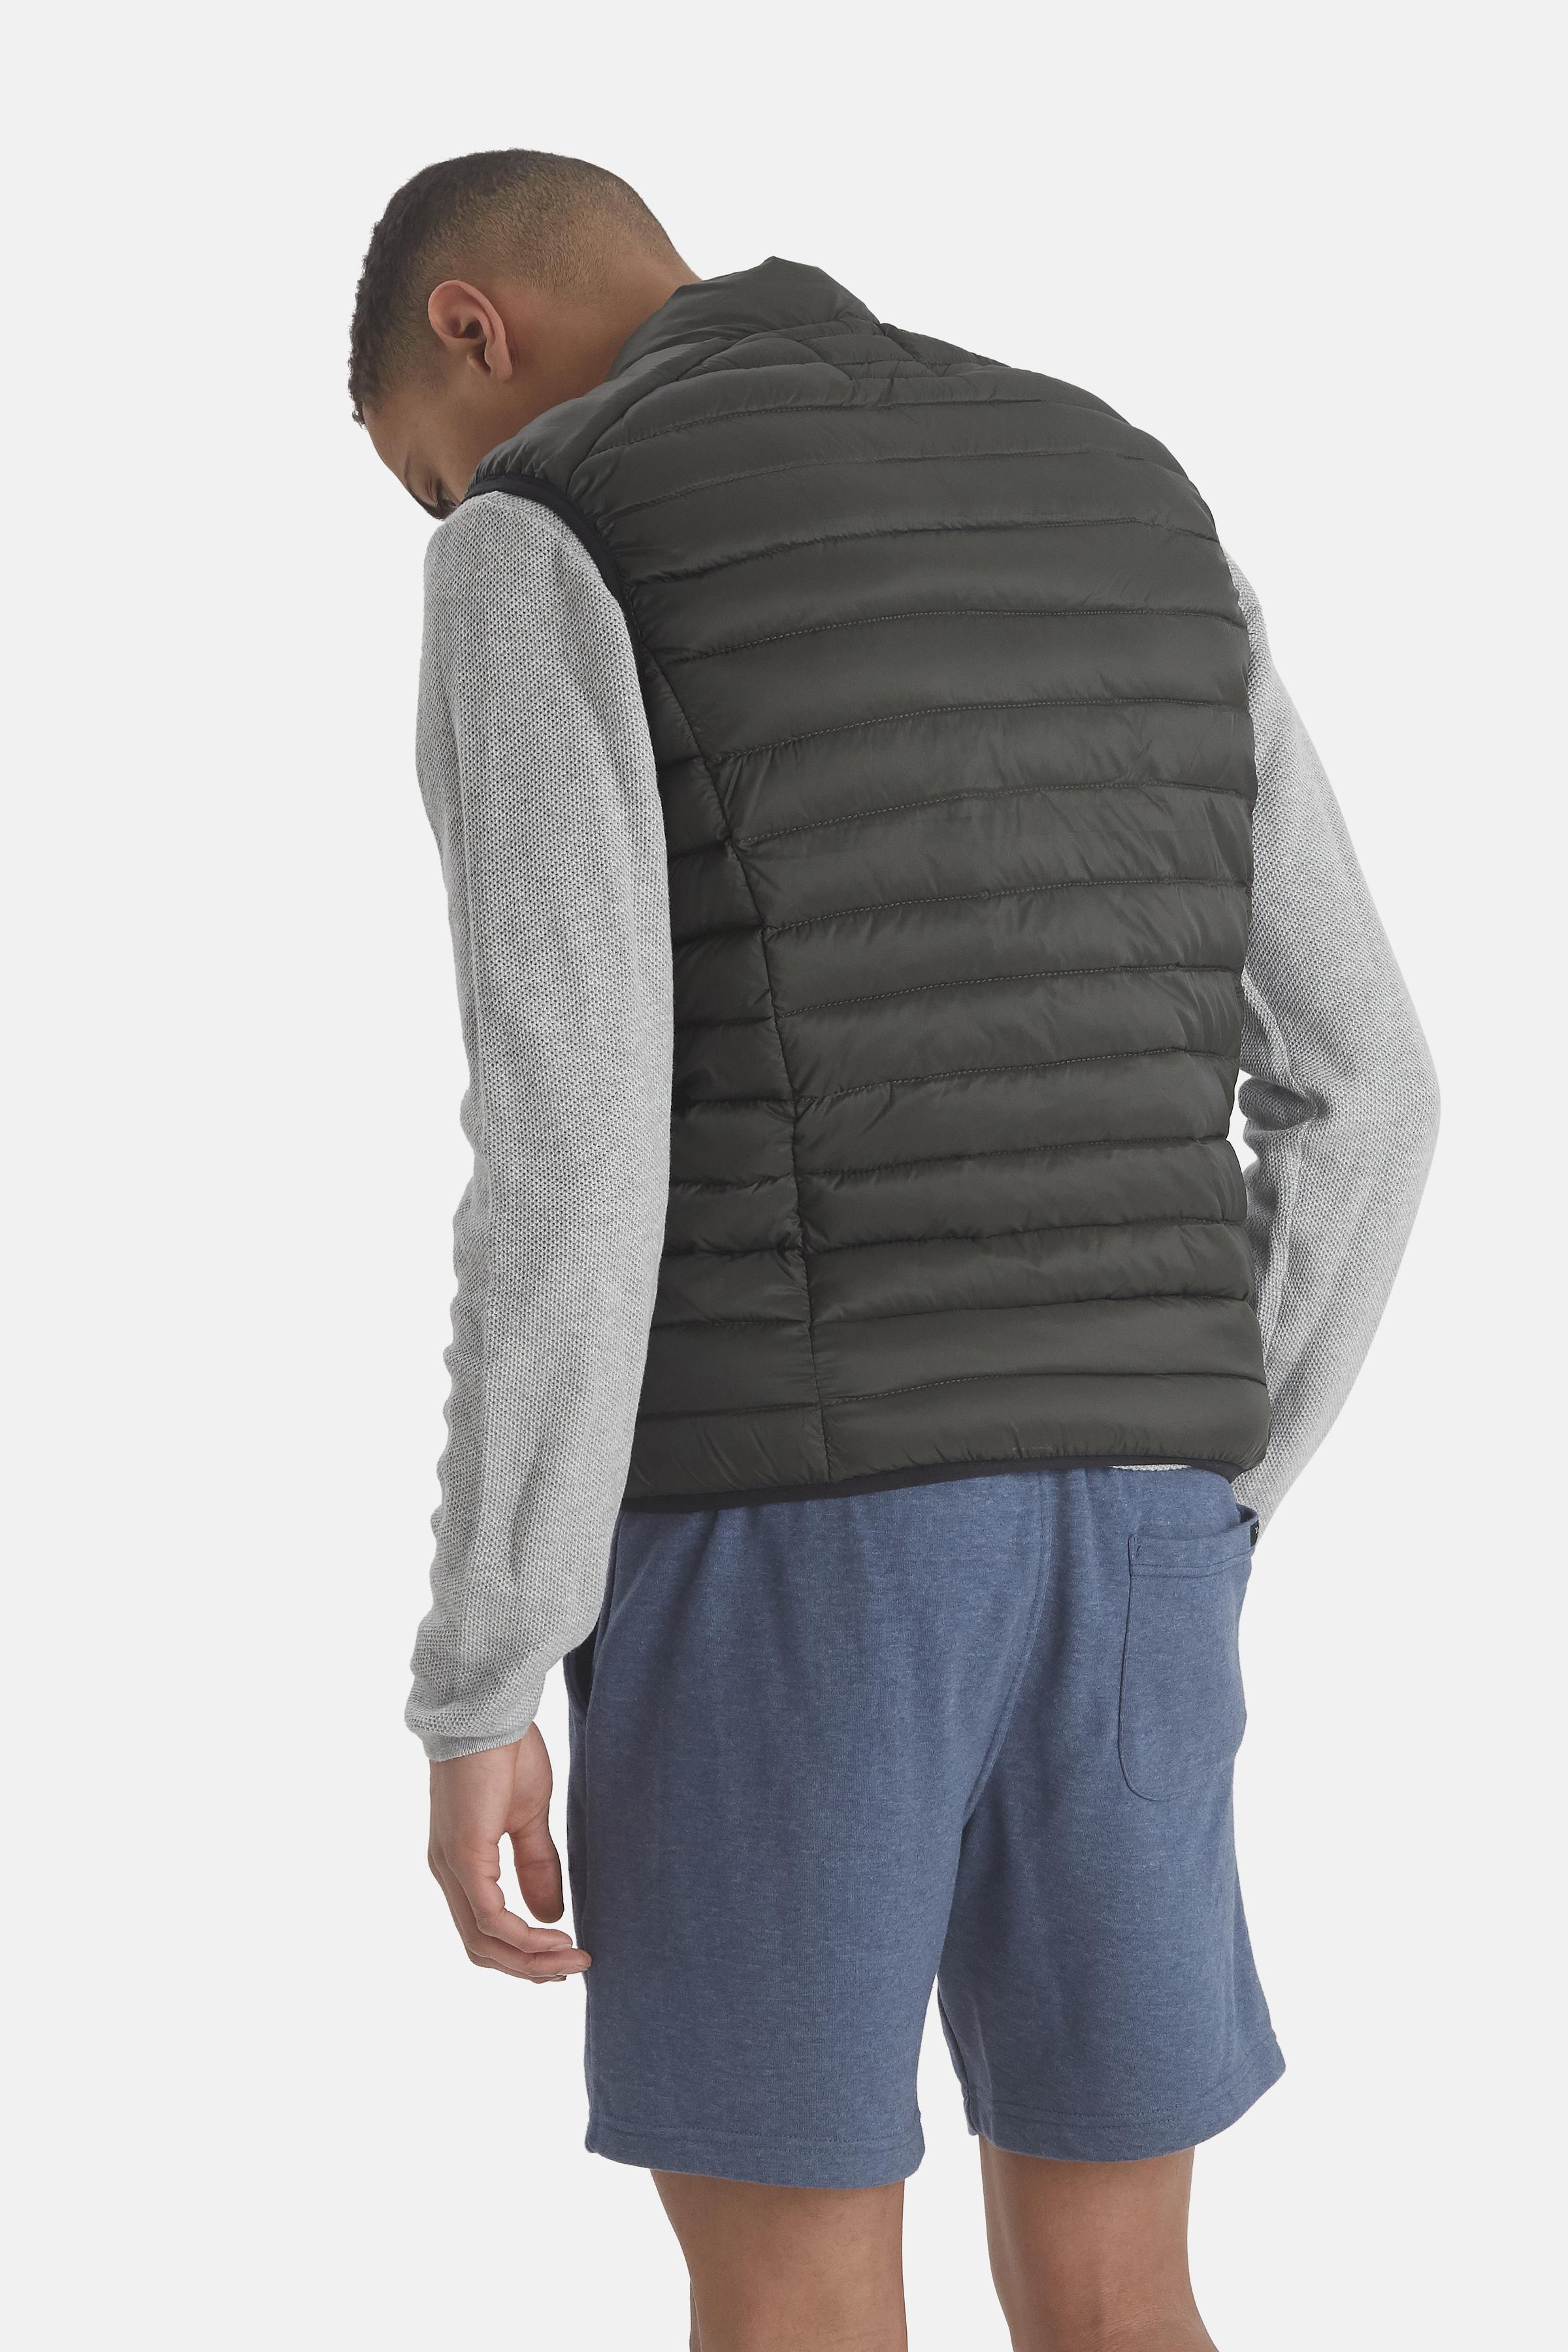 Beetle Green Outerwear fra Blend He – Køb Beetle Green Outerwear fra str. S-XL her